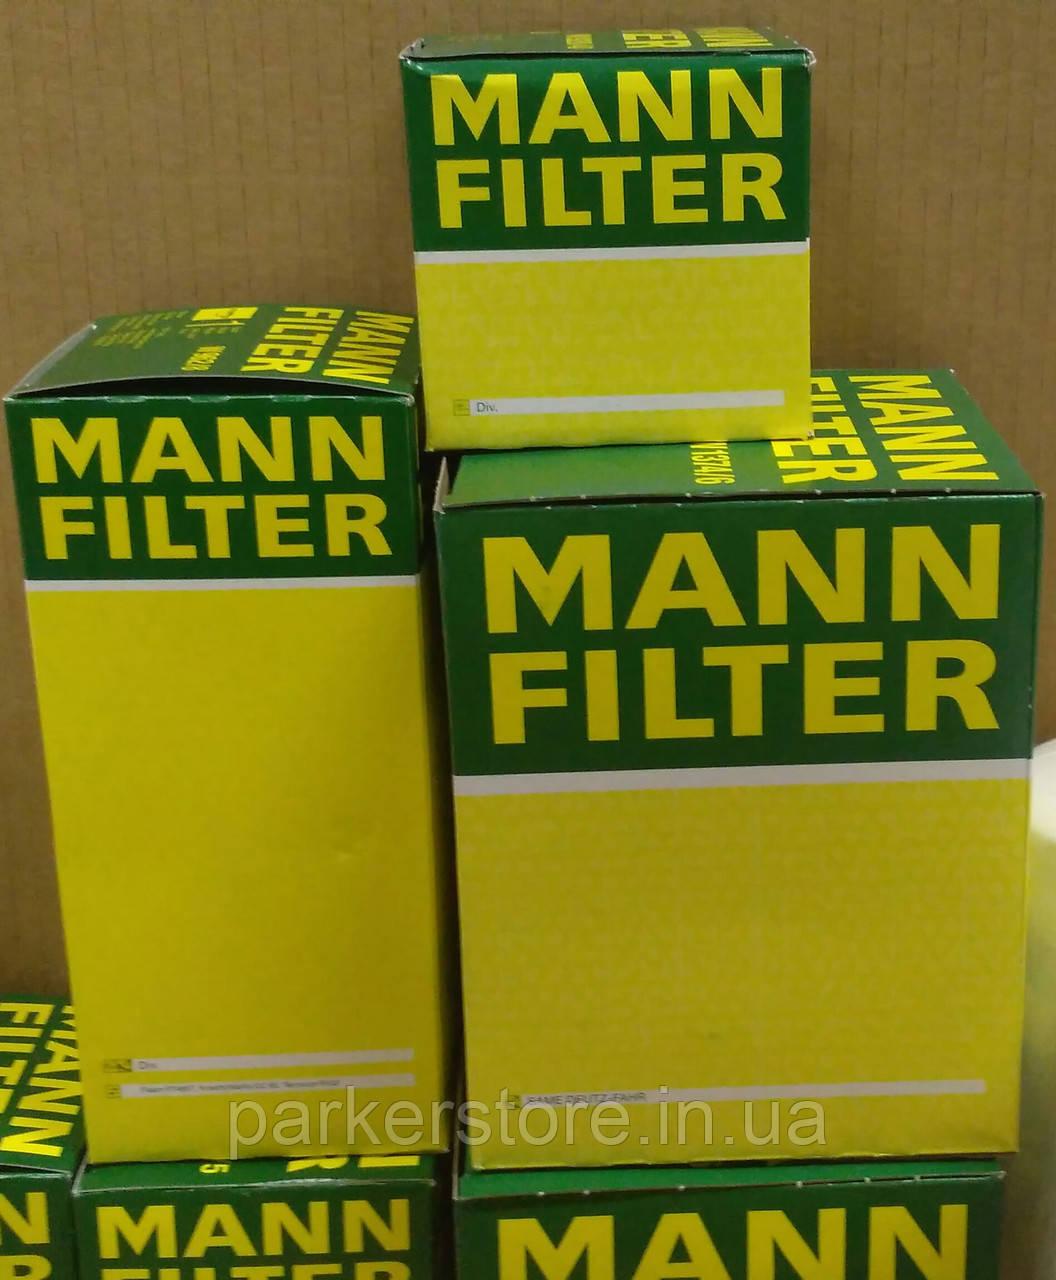 MANN FILTER / Повітряний фільтр / C 1571 / C1571